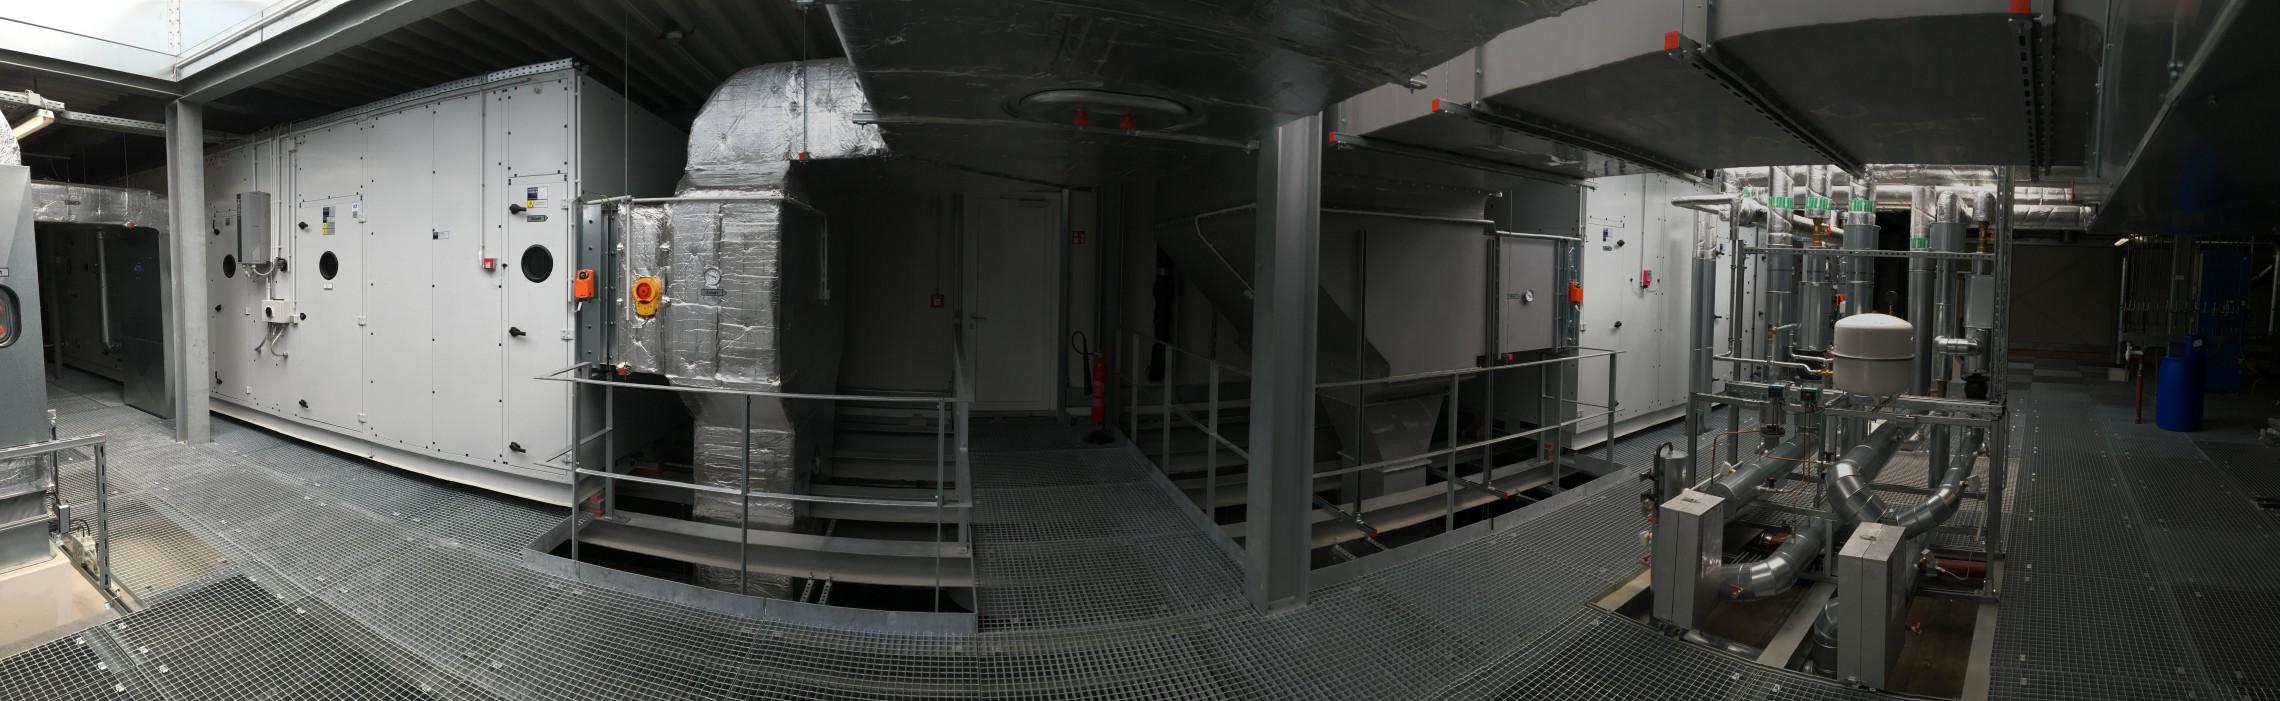 Uni Göttingen Fakultätsneubau für anorganische Chemie